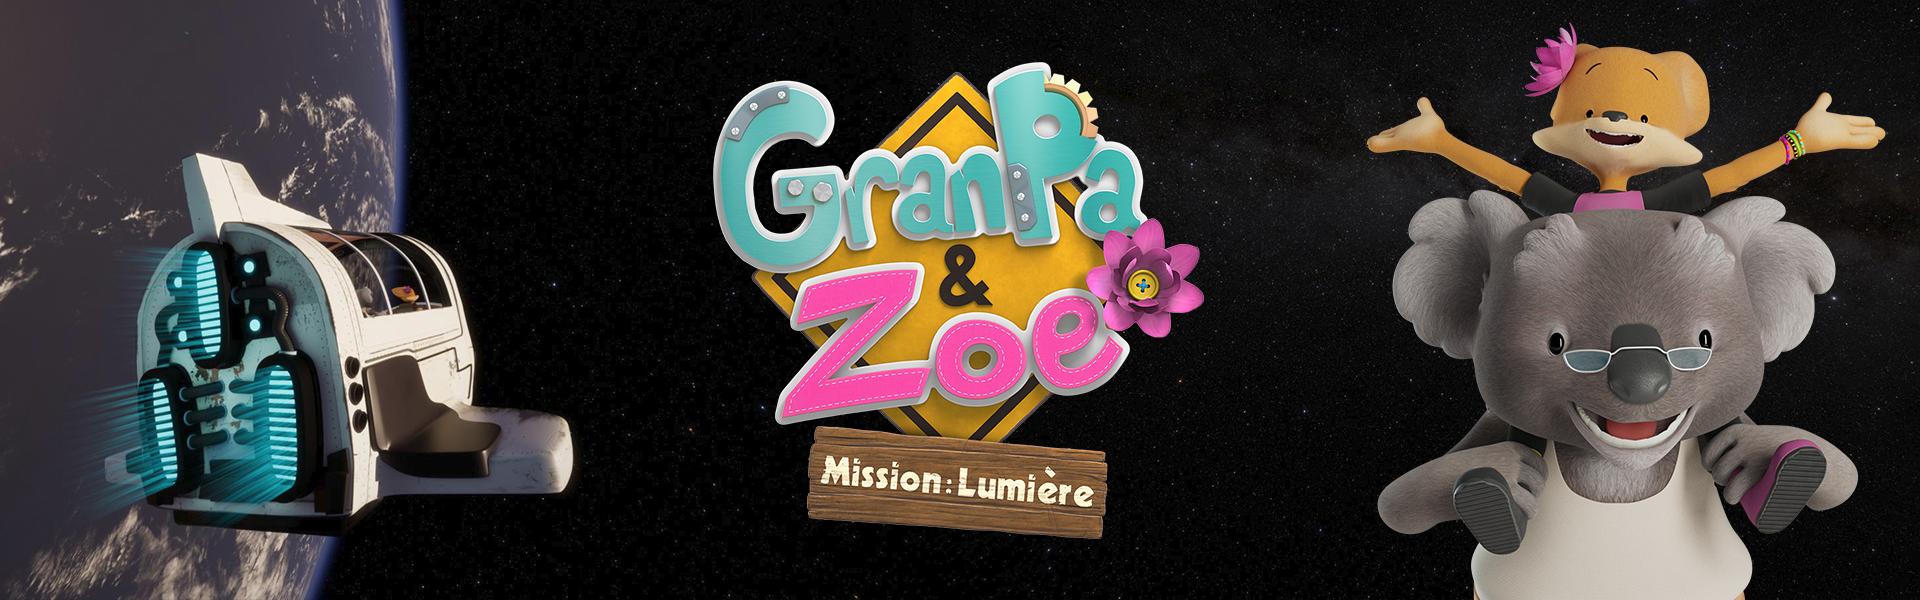 Grandpa & Zoe Mission lumire bandeau